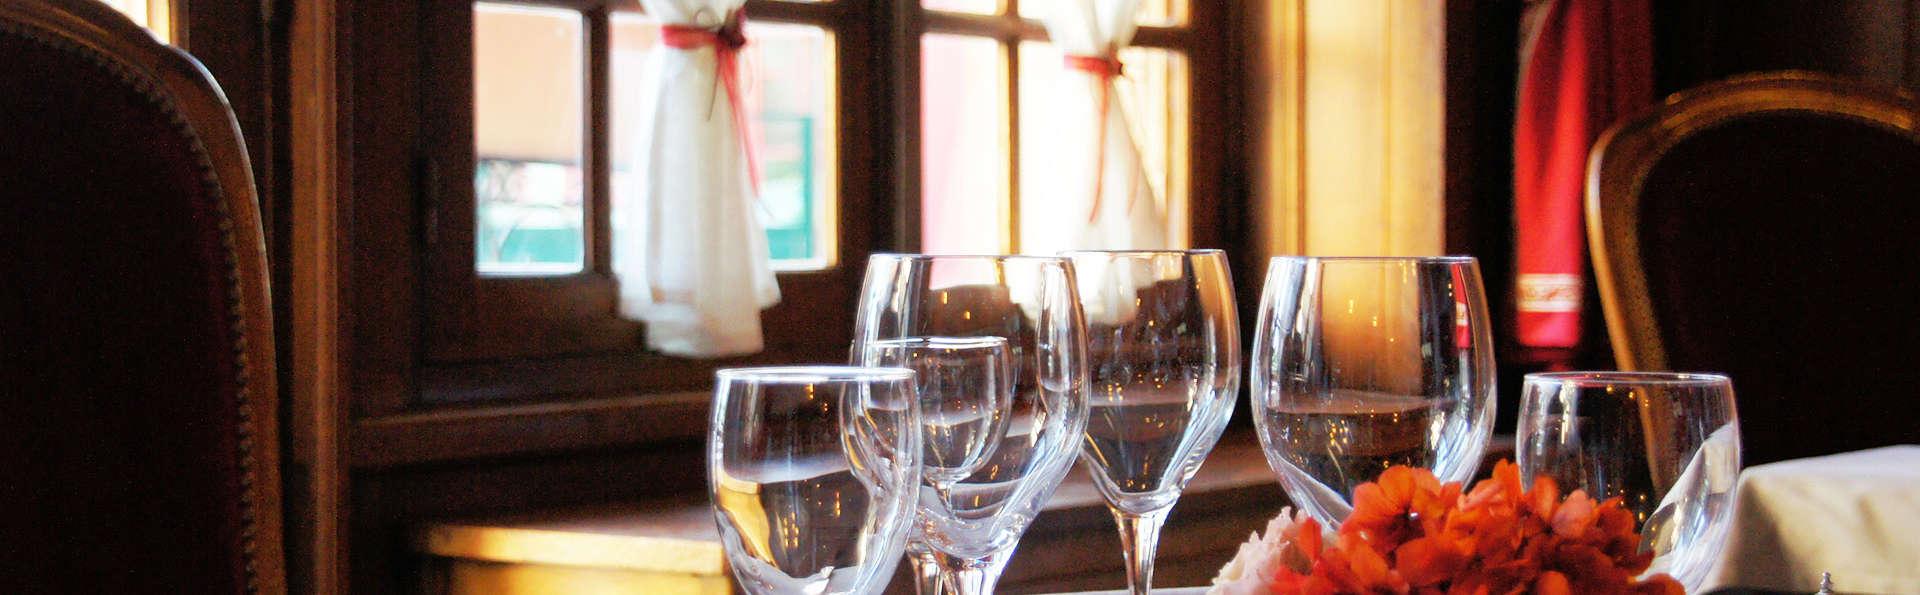 Delicias gastronómicas en la ruta de los Castillos del Loira